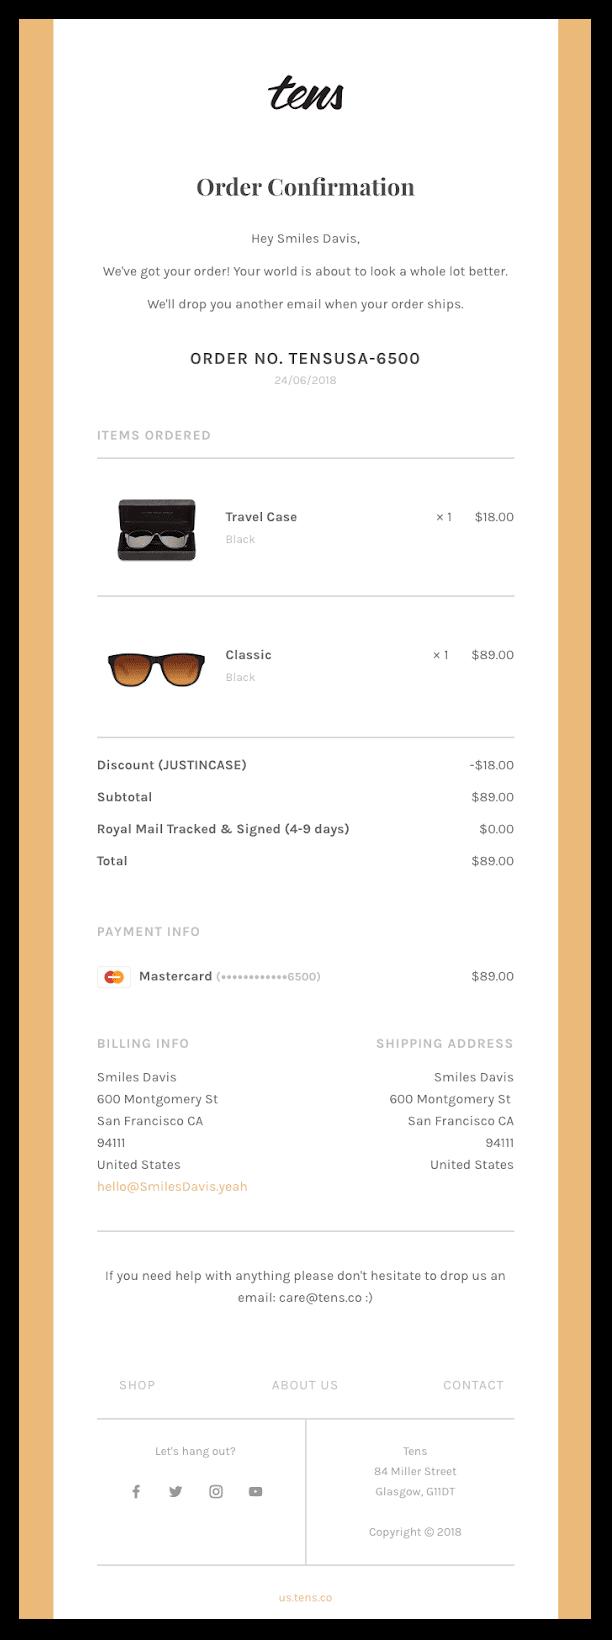 Sendlane_Order_Confirmation_Emails_Tens